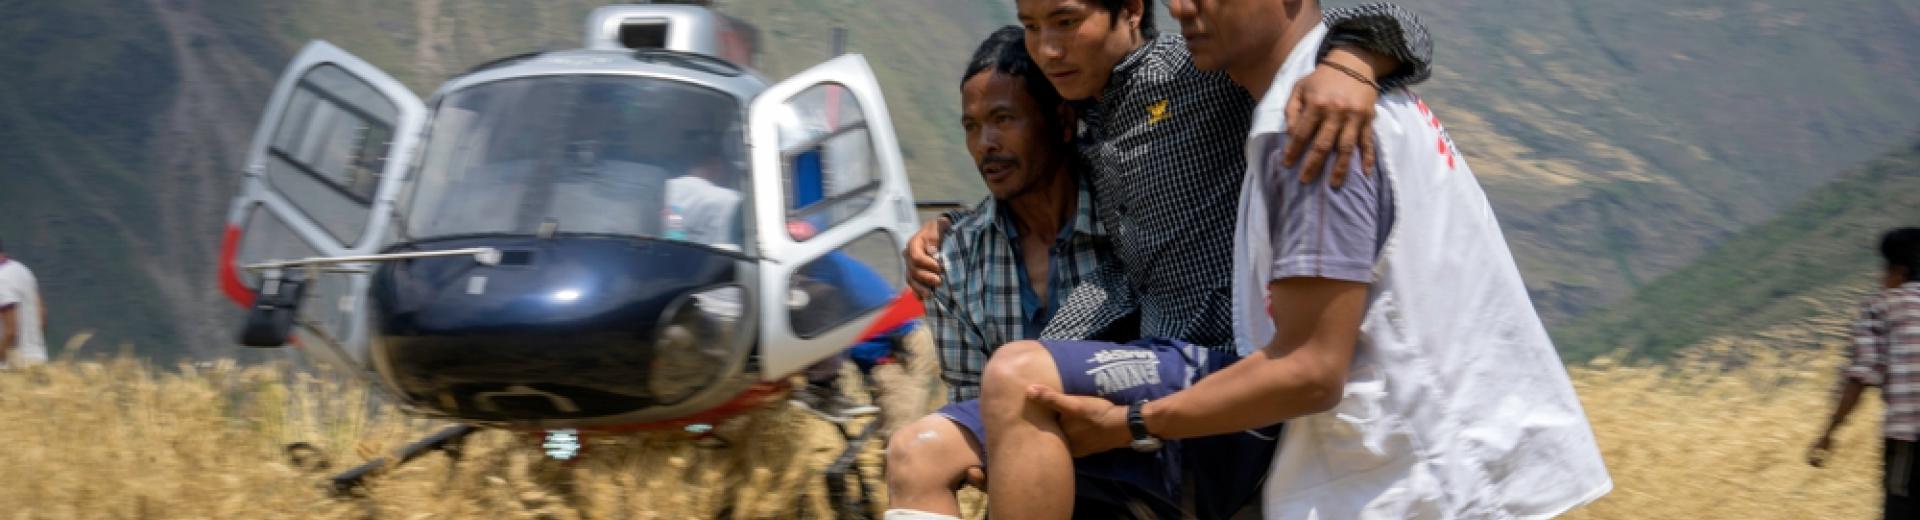 Maila Gurung, 26 ans, revient dans son village après avoir été évacué par hélicoptère vers  l'hôpital MSF d'Arughat Bazaar, au Népal, où sa jambe cassée a été plâtrée. ©Brian Sokol/Panos Pictures, mai 2015